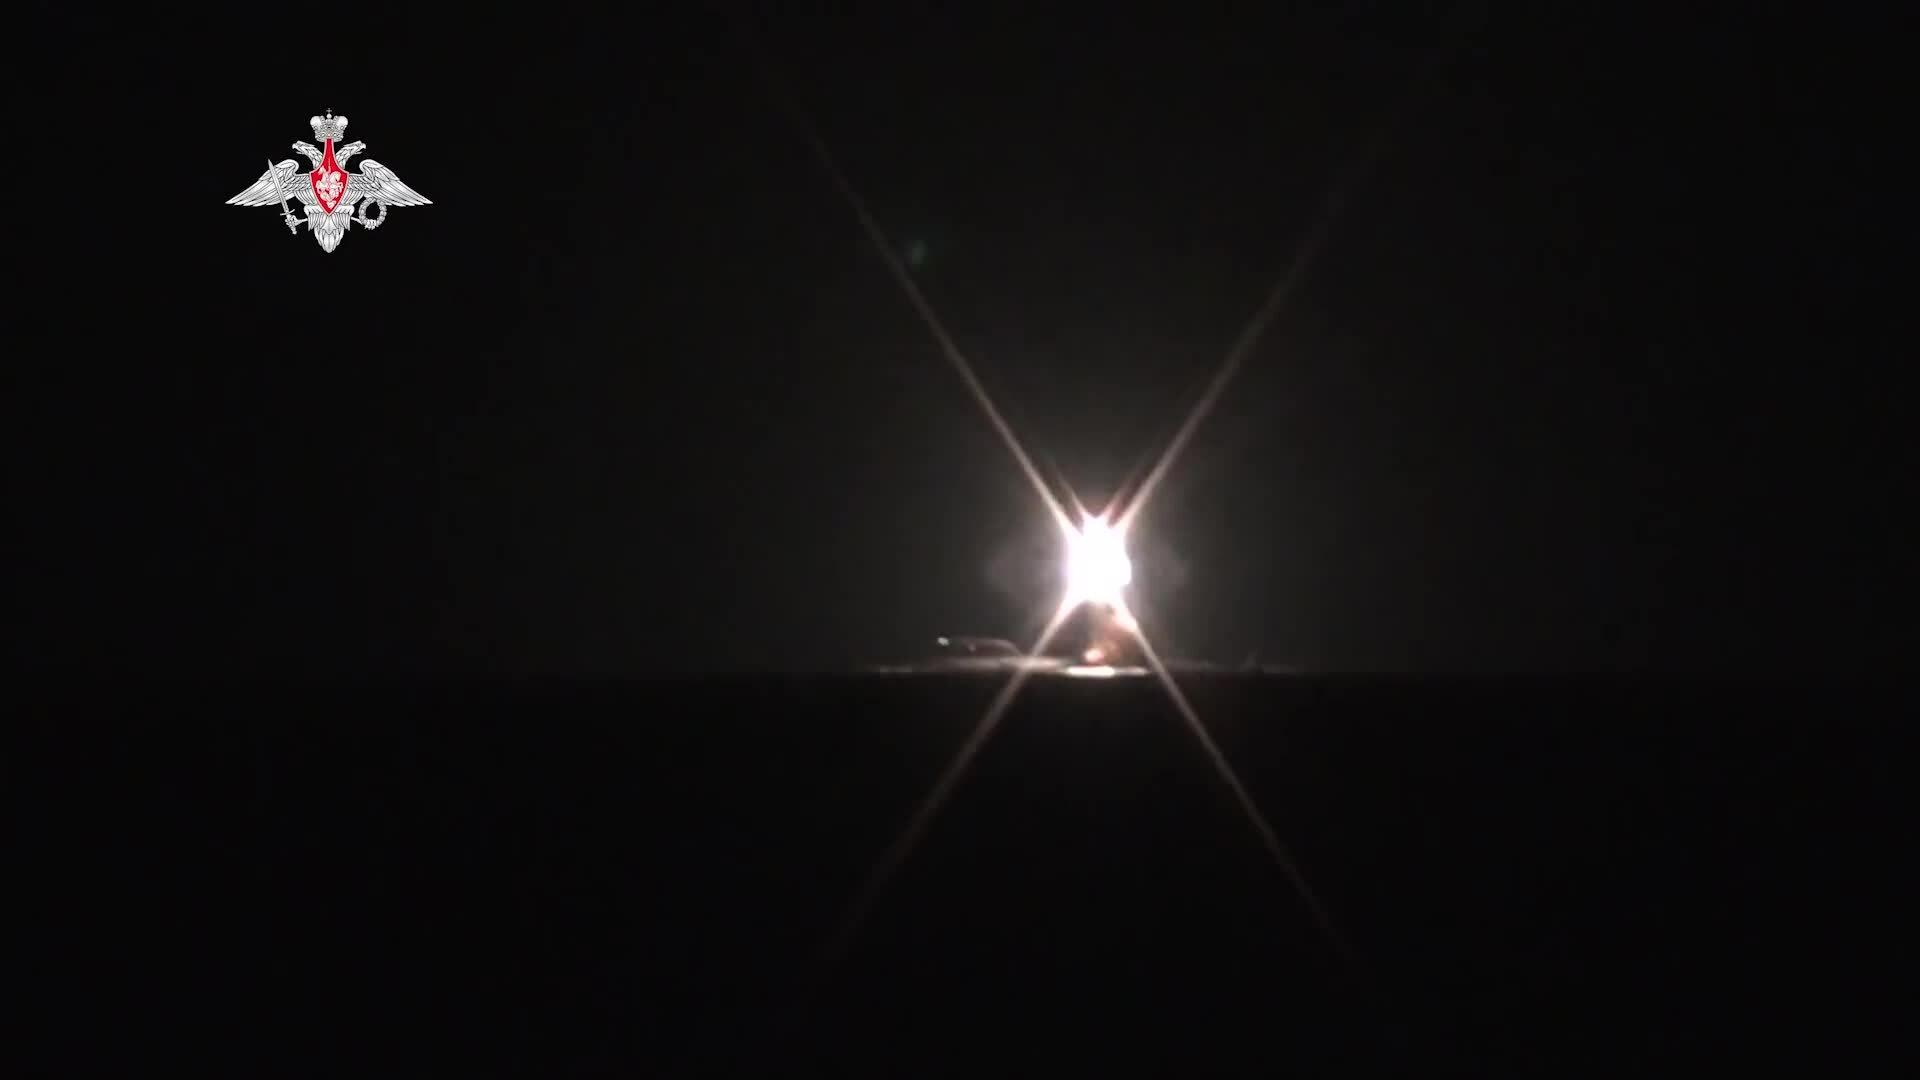 Tàu ngầm Nga lần đầu thử tên lửa siêu vượt âm